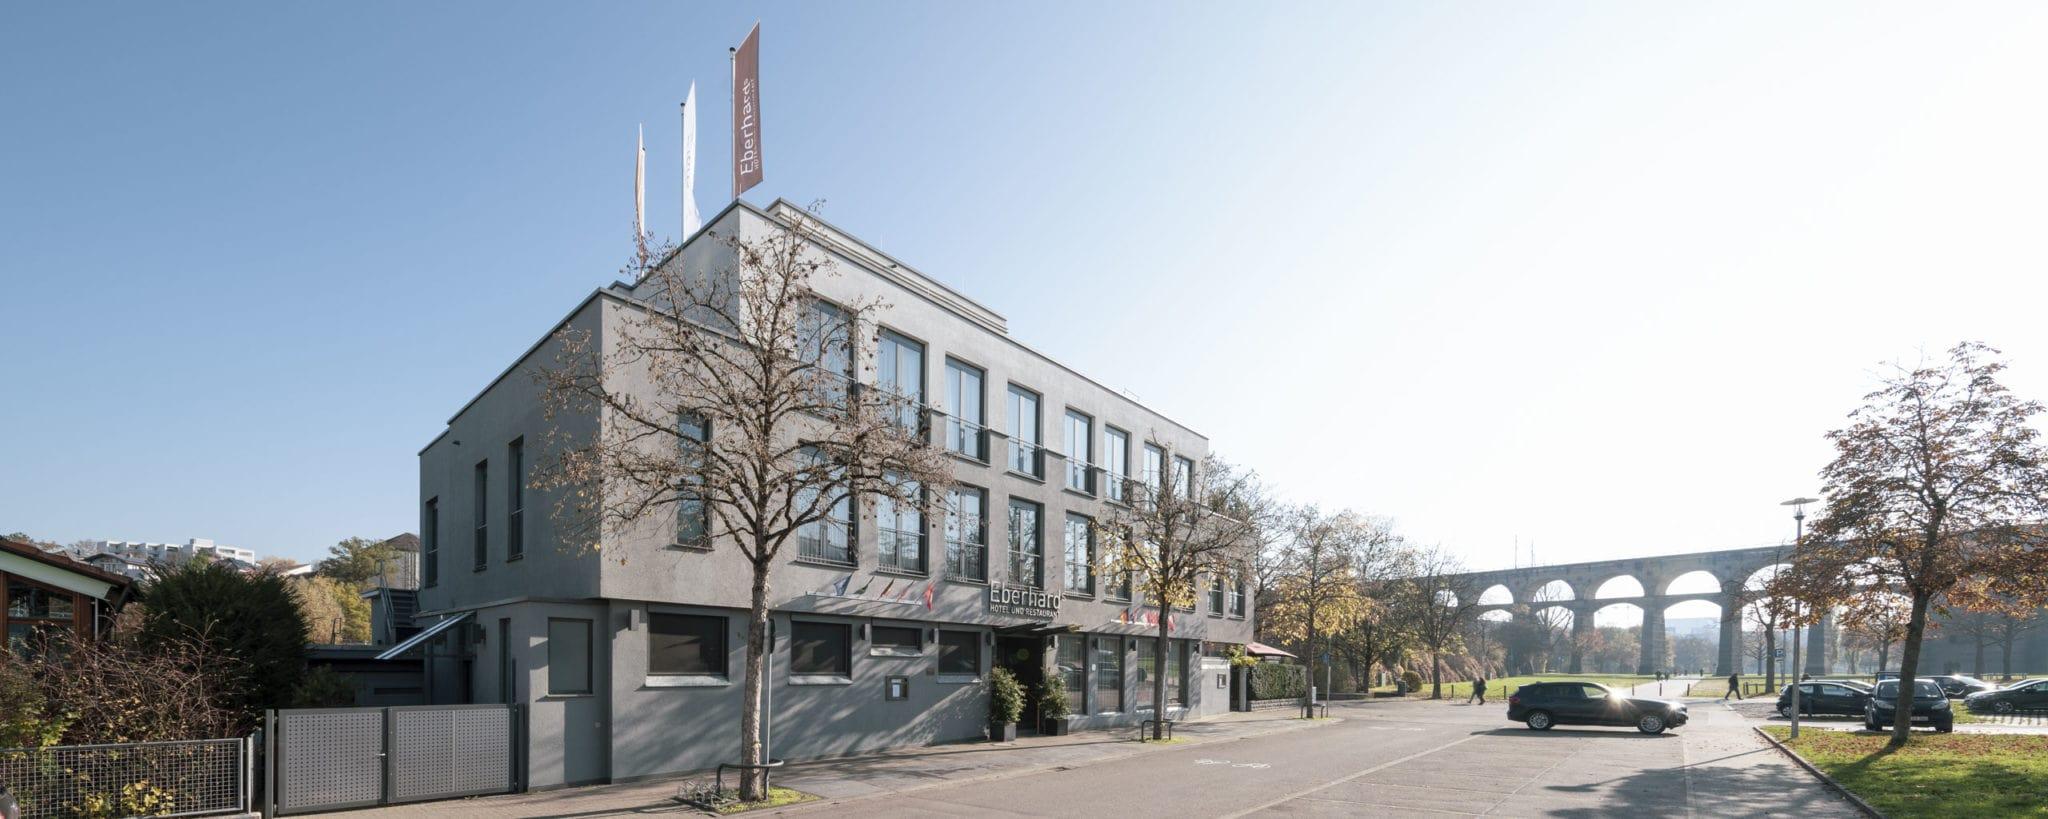 Hotelfotografie in Bietigheim-Bissingen, Kreis Ludwigsburg, Raum Stuttgart, Baden-Württemberg, Süddeutschland